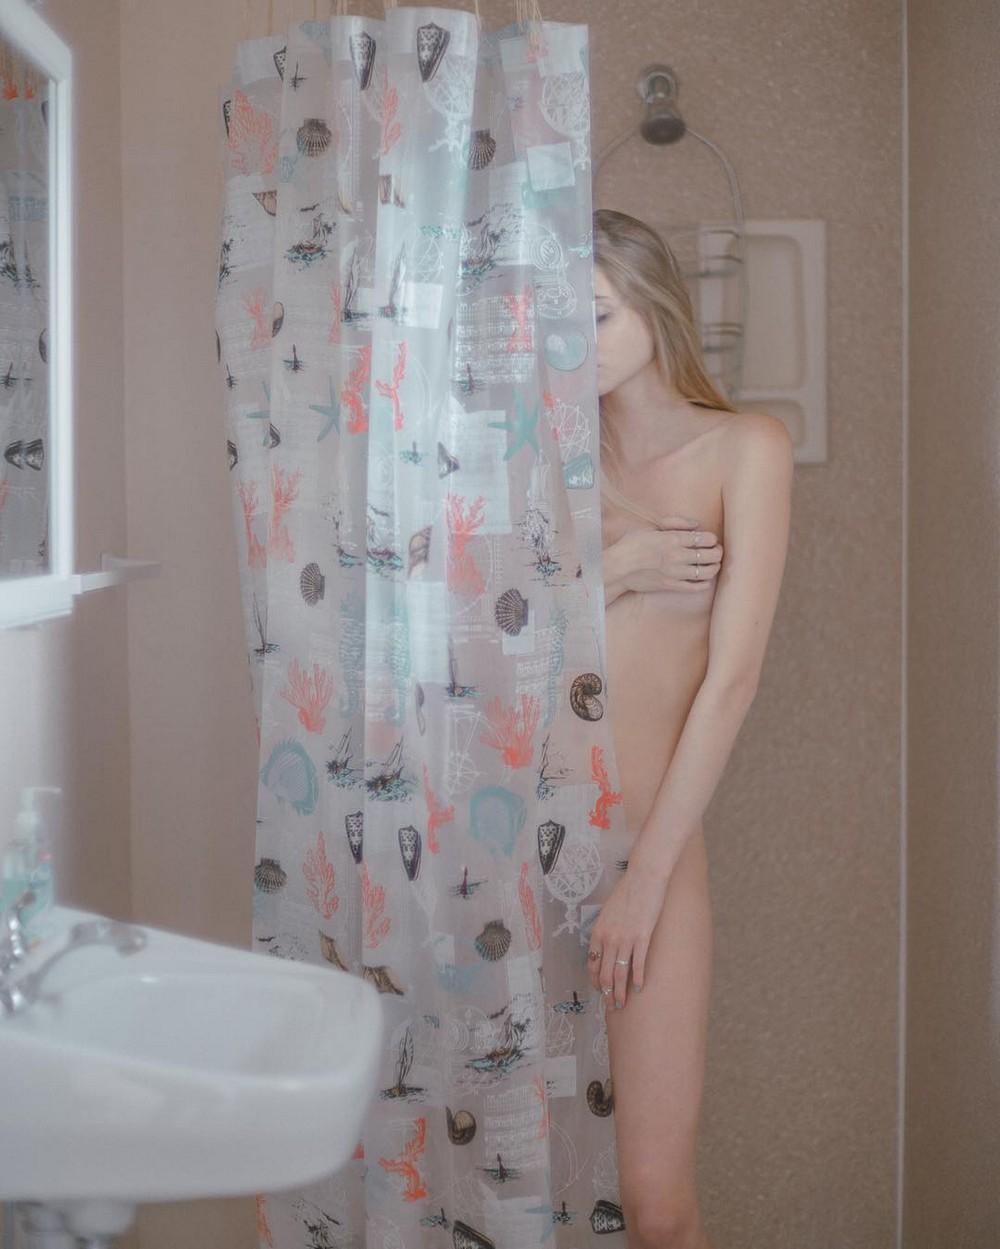 Чувственные снимки девушек от Марка Дель Мара